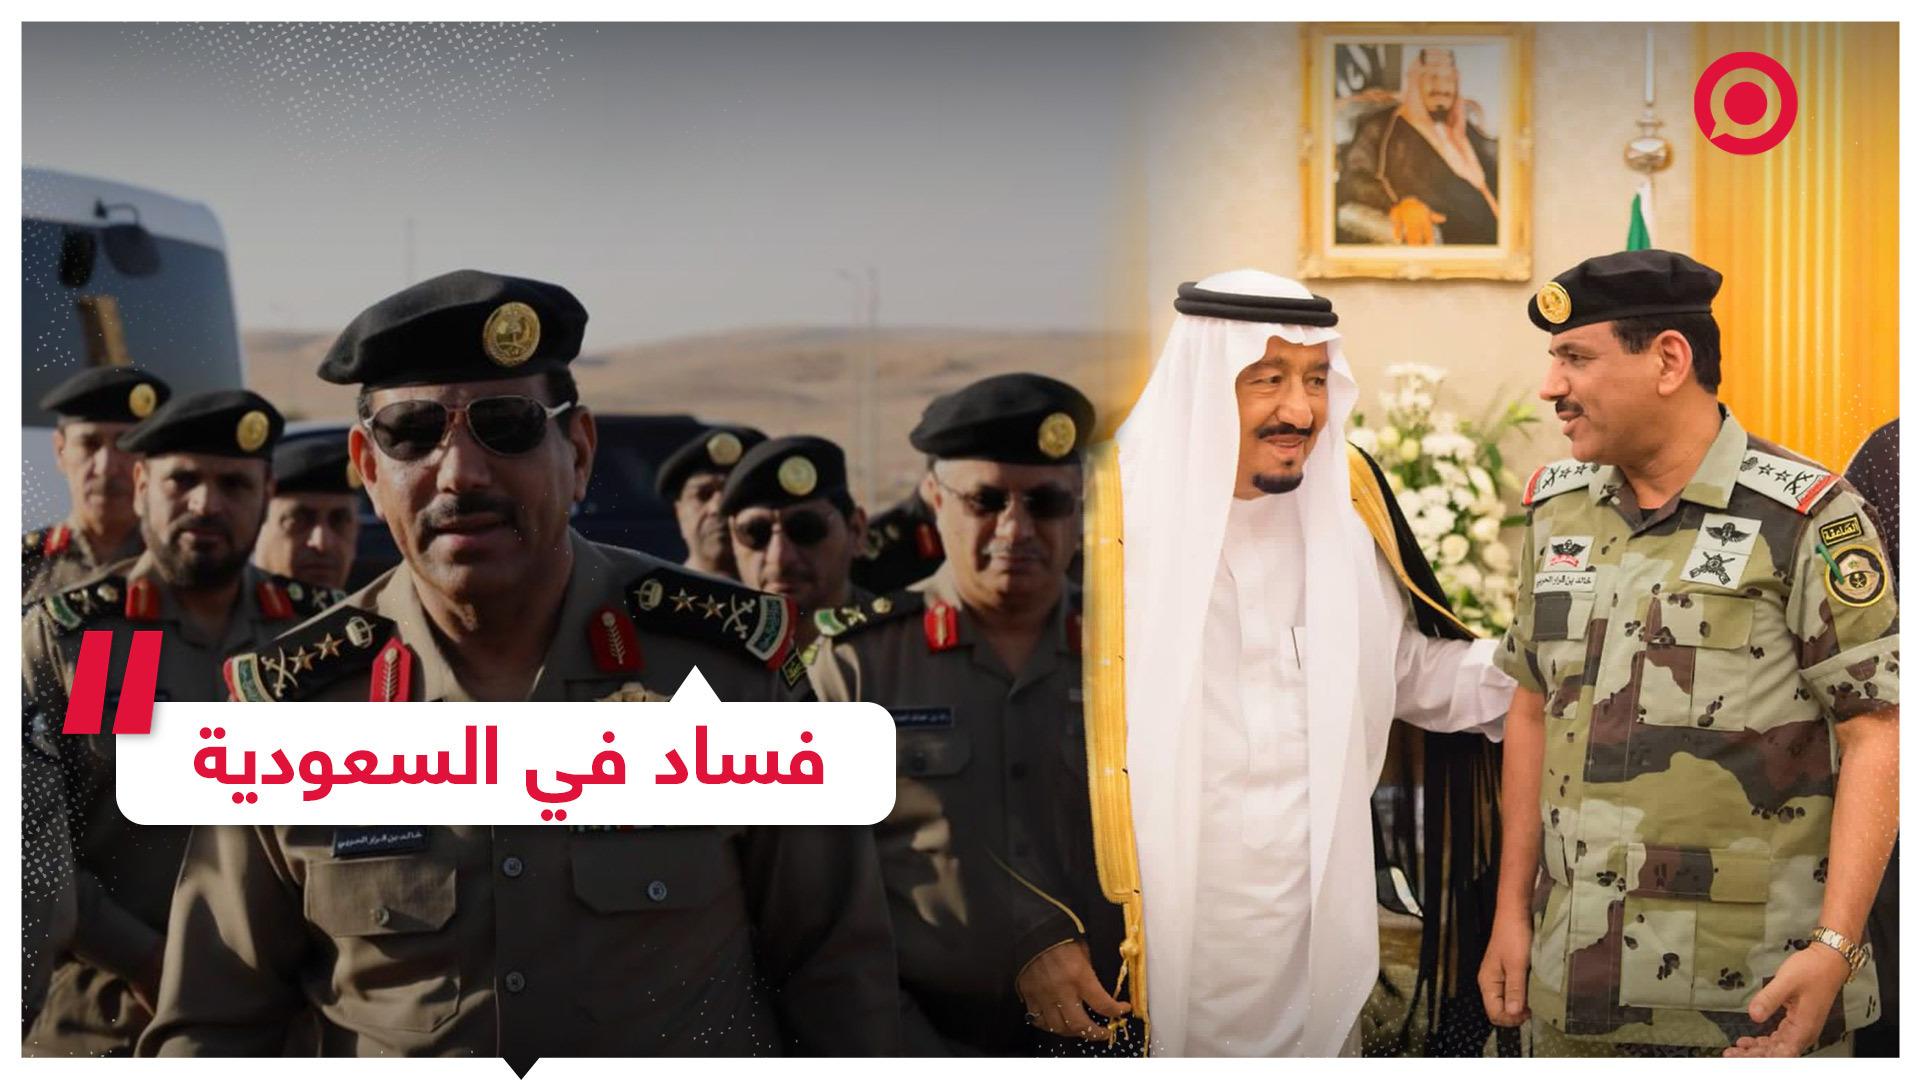 إحالة مدير الأمن العام السعودي للتحقيق